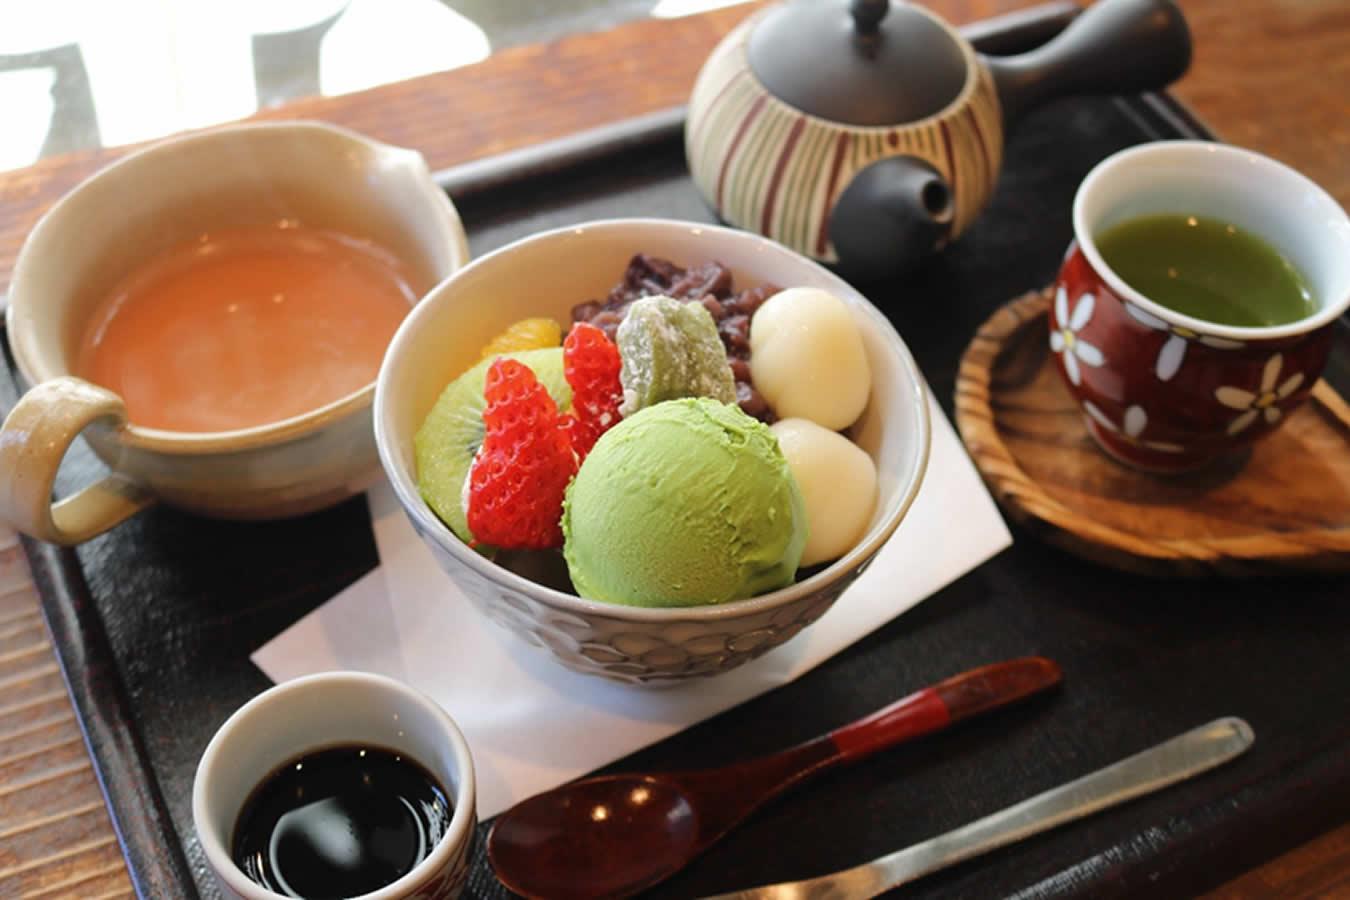 ショコラオレンジと冷抹茶のセット 840円